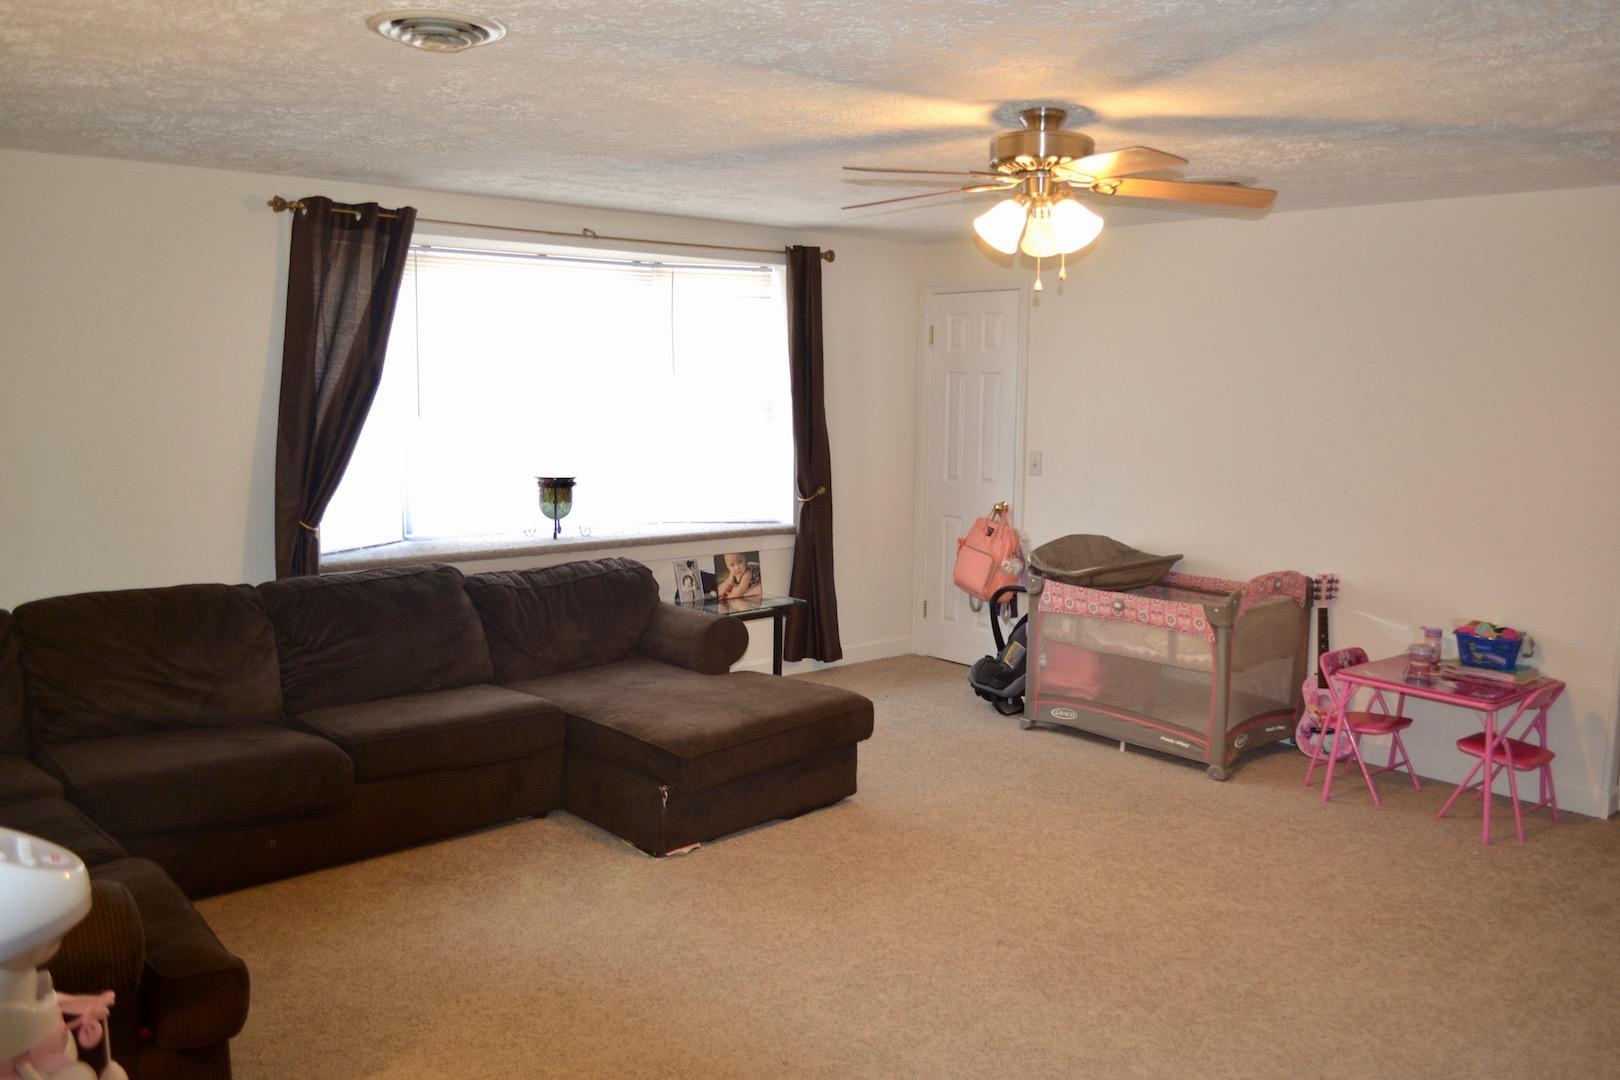 26-Upstairs-Living Room-2.jpg